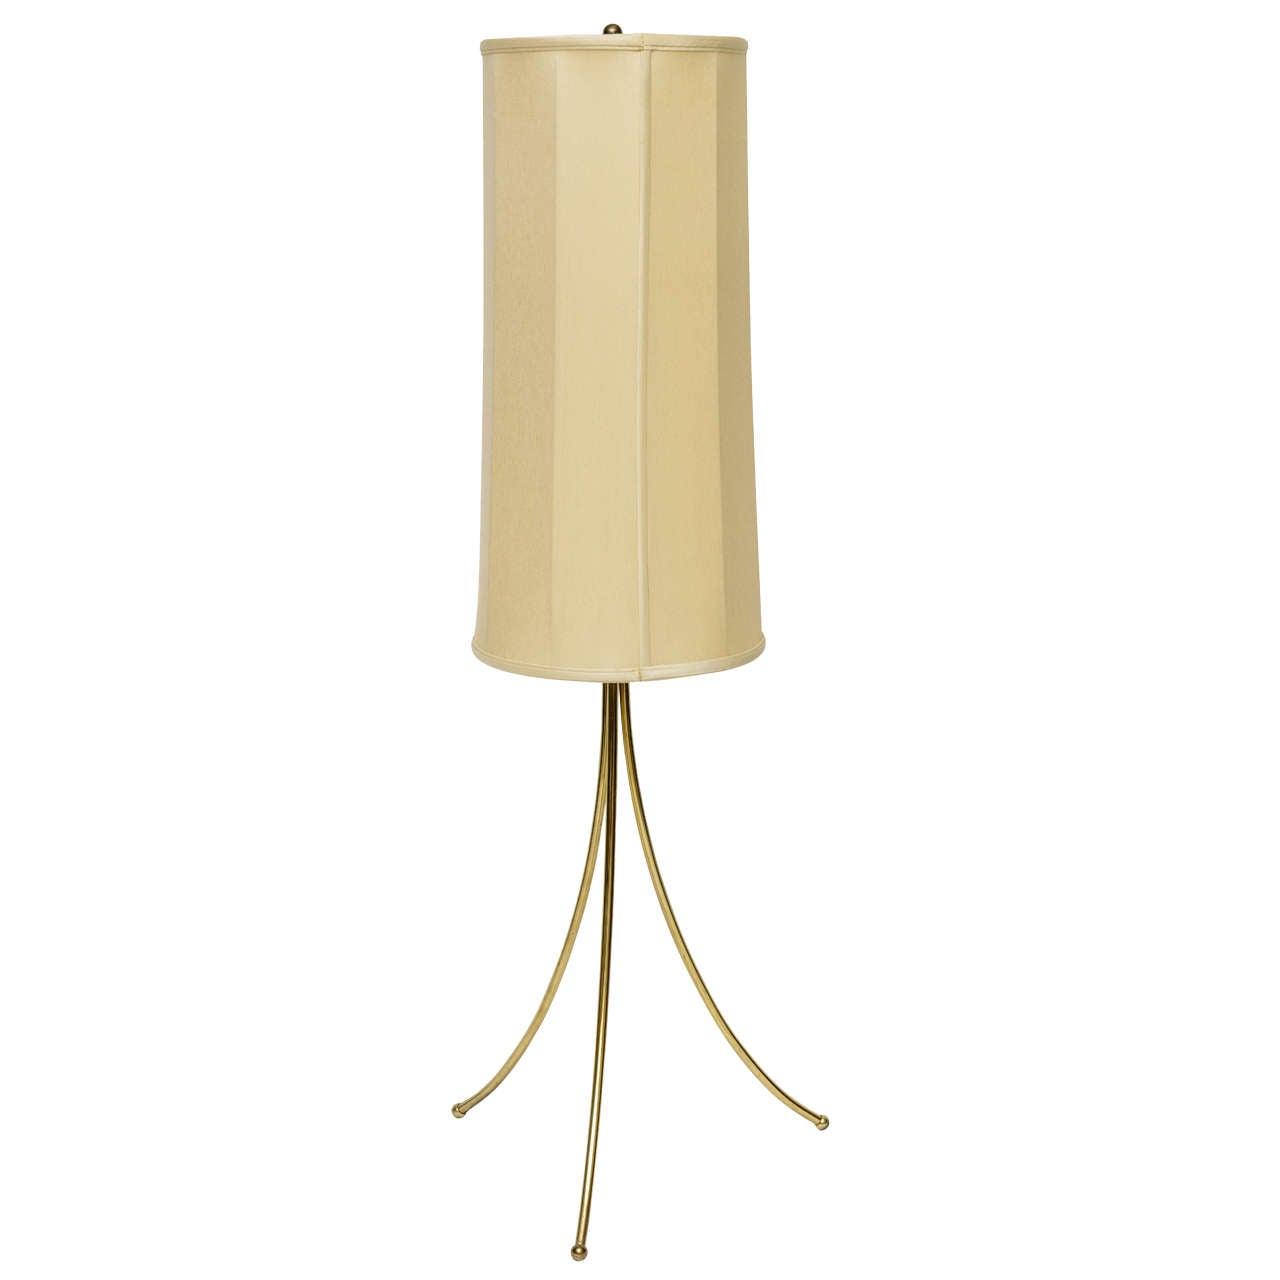 Elegant modern 1950s edward alden brass floor lamp at 1stdibs for 1950s floor lamps